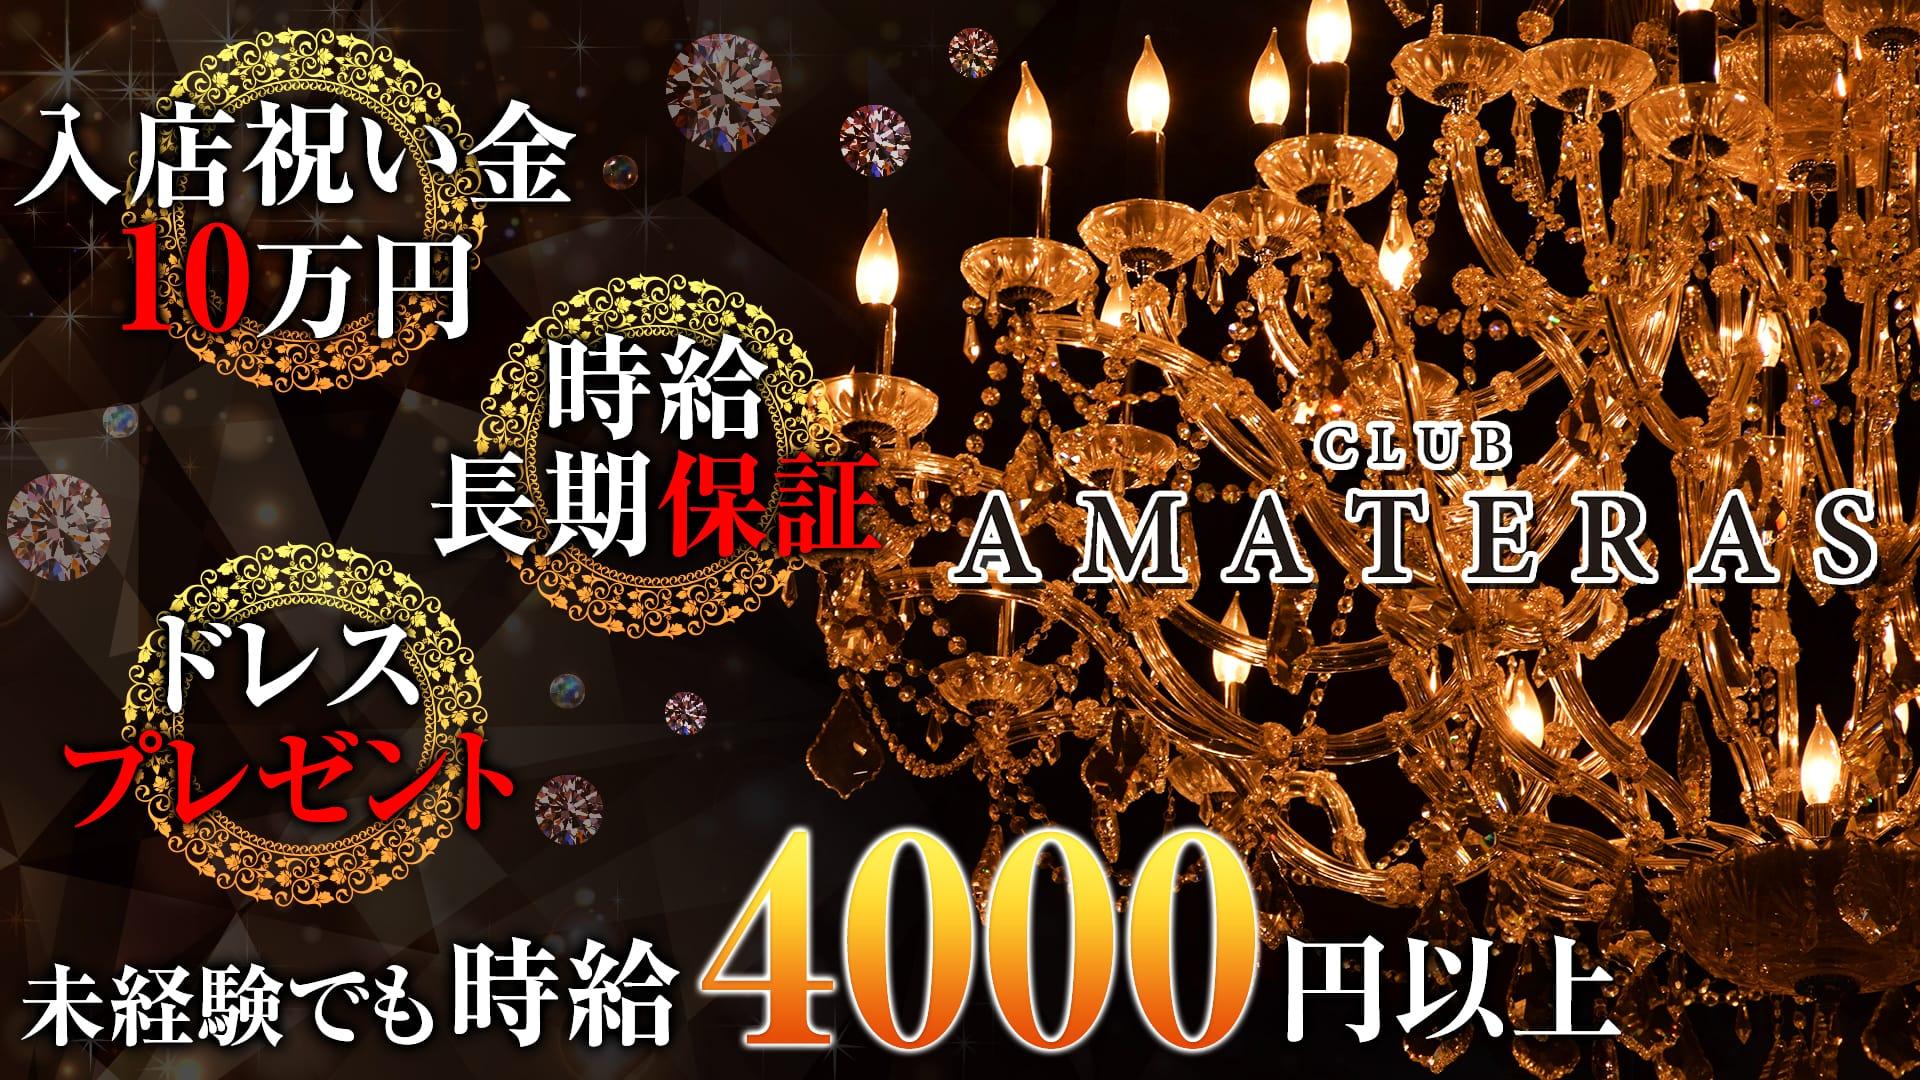 CLUB AMATERAS(アマテラス) 片町キャバクラ TOP画像